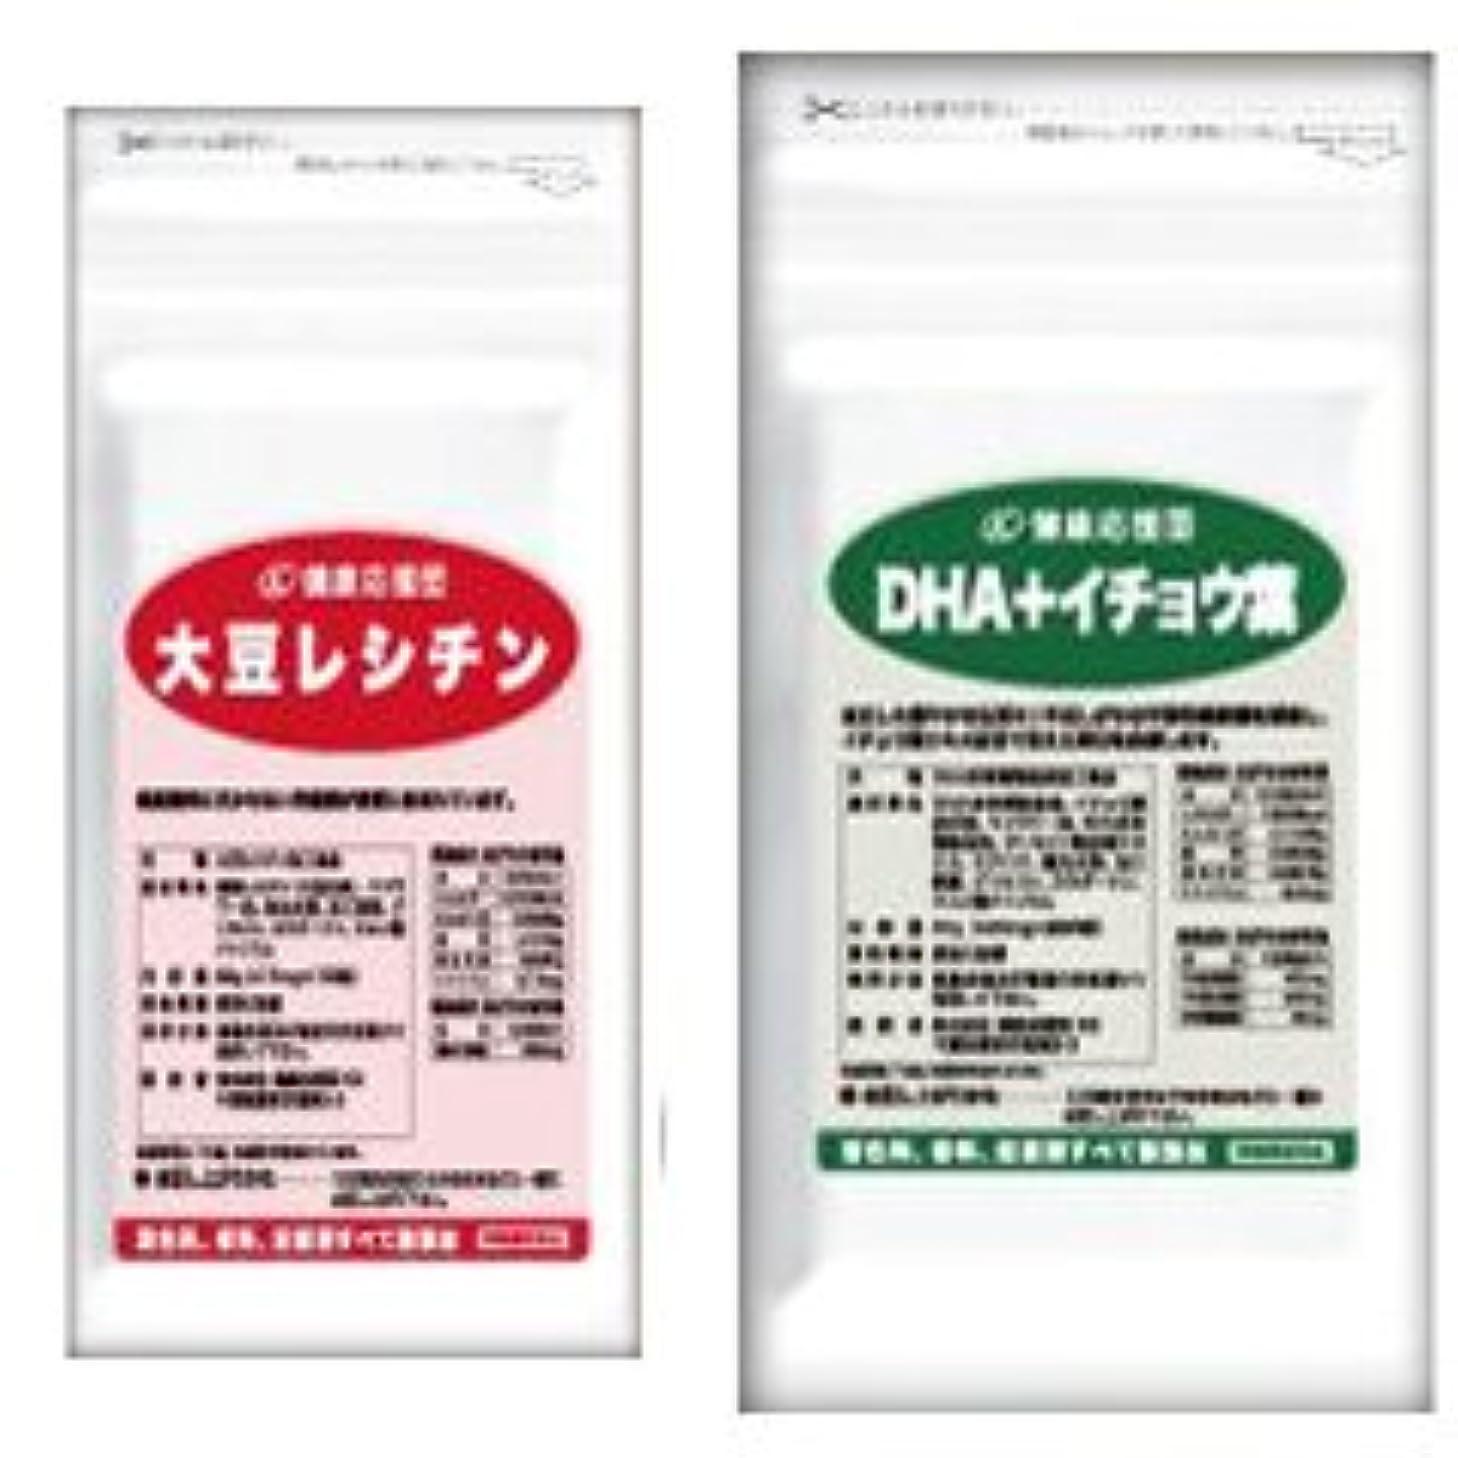 迅速マンハッタン洗う流れサラサラセット 大豆レシチン+(DHA?EPA+イチョウ葉) お徳用12か月分